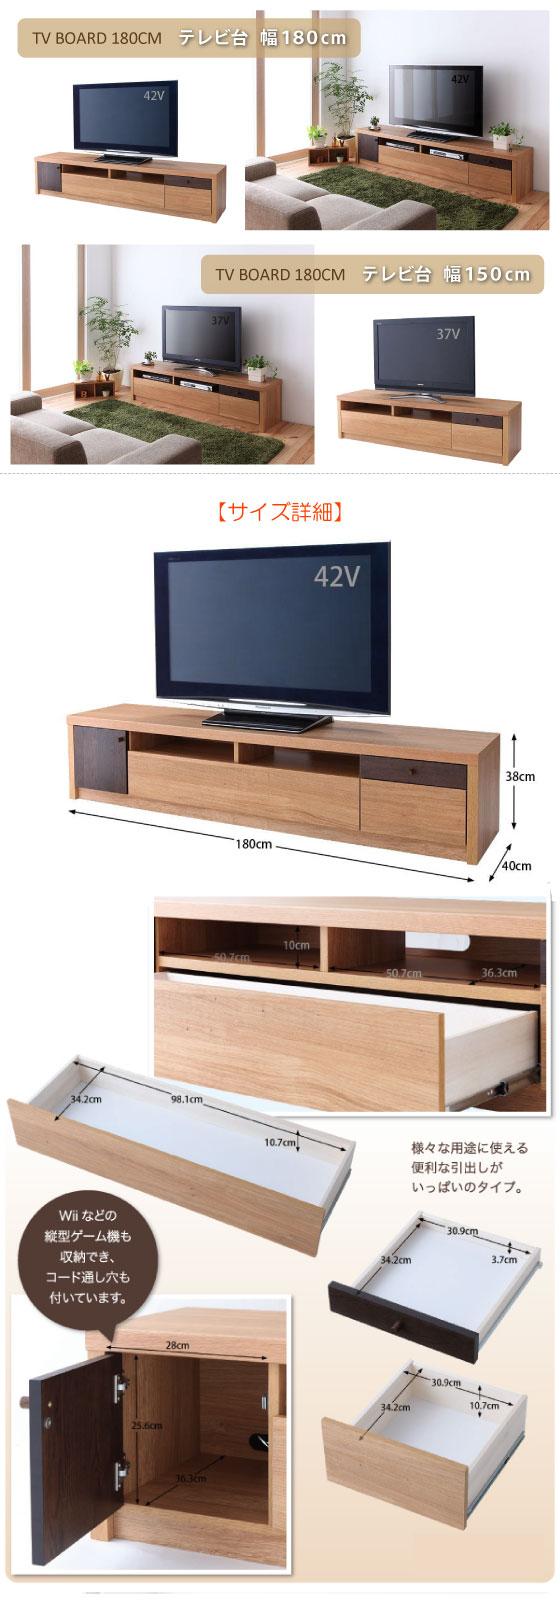 北欧カントリーデザイン・天然木オーク材幅180cmテレビボード(日本製・完成品)